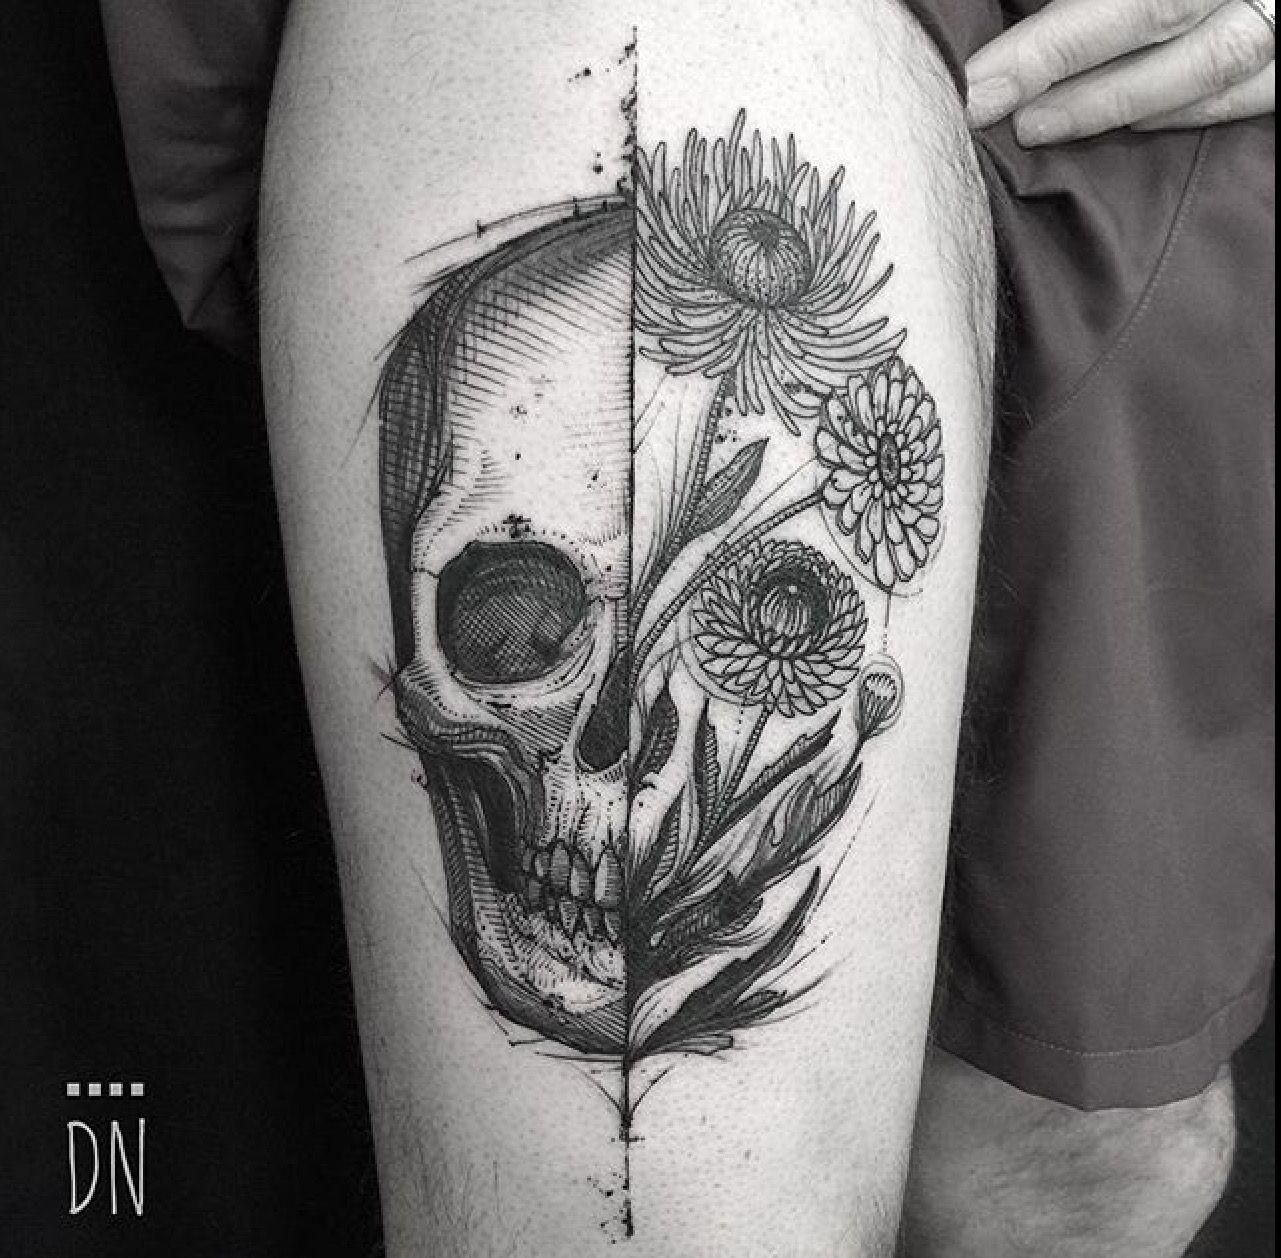 Dinonemec Tattoo. Lone Wolf Studio. Columbus, Ohio